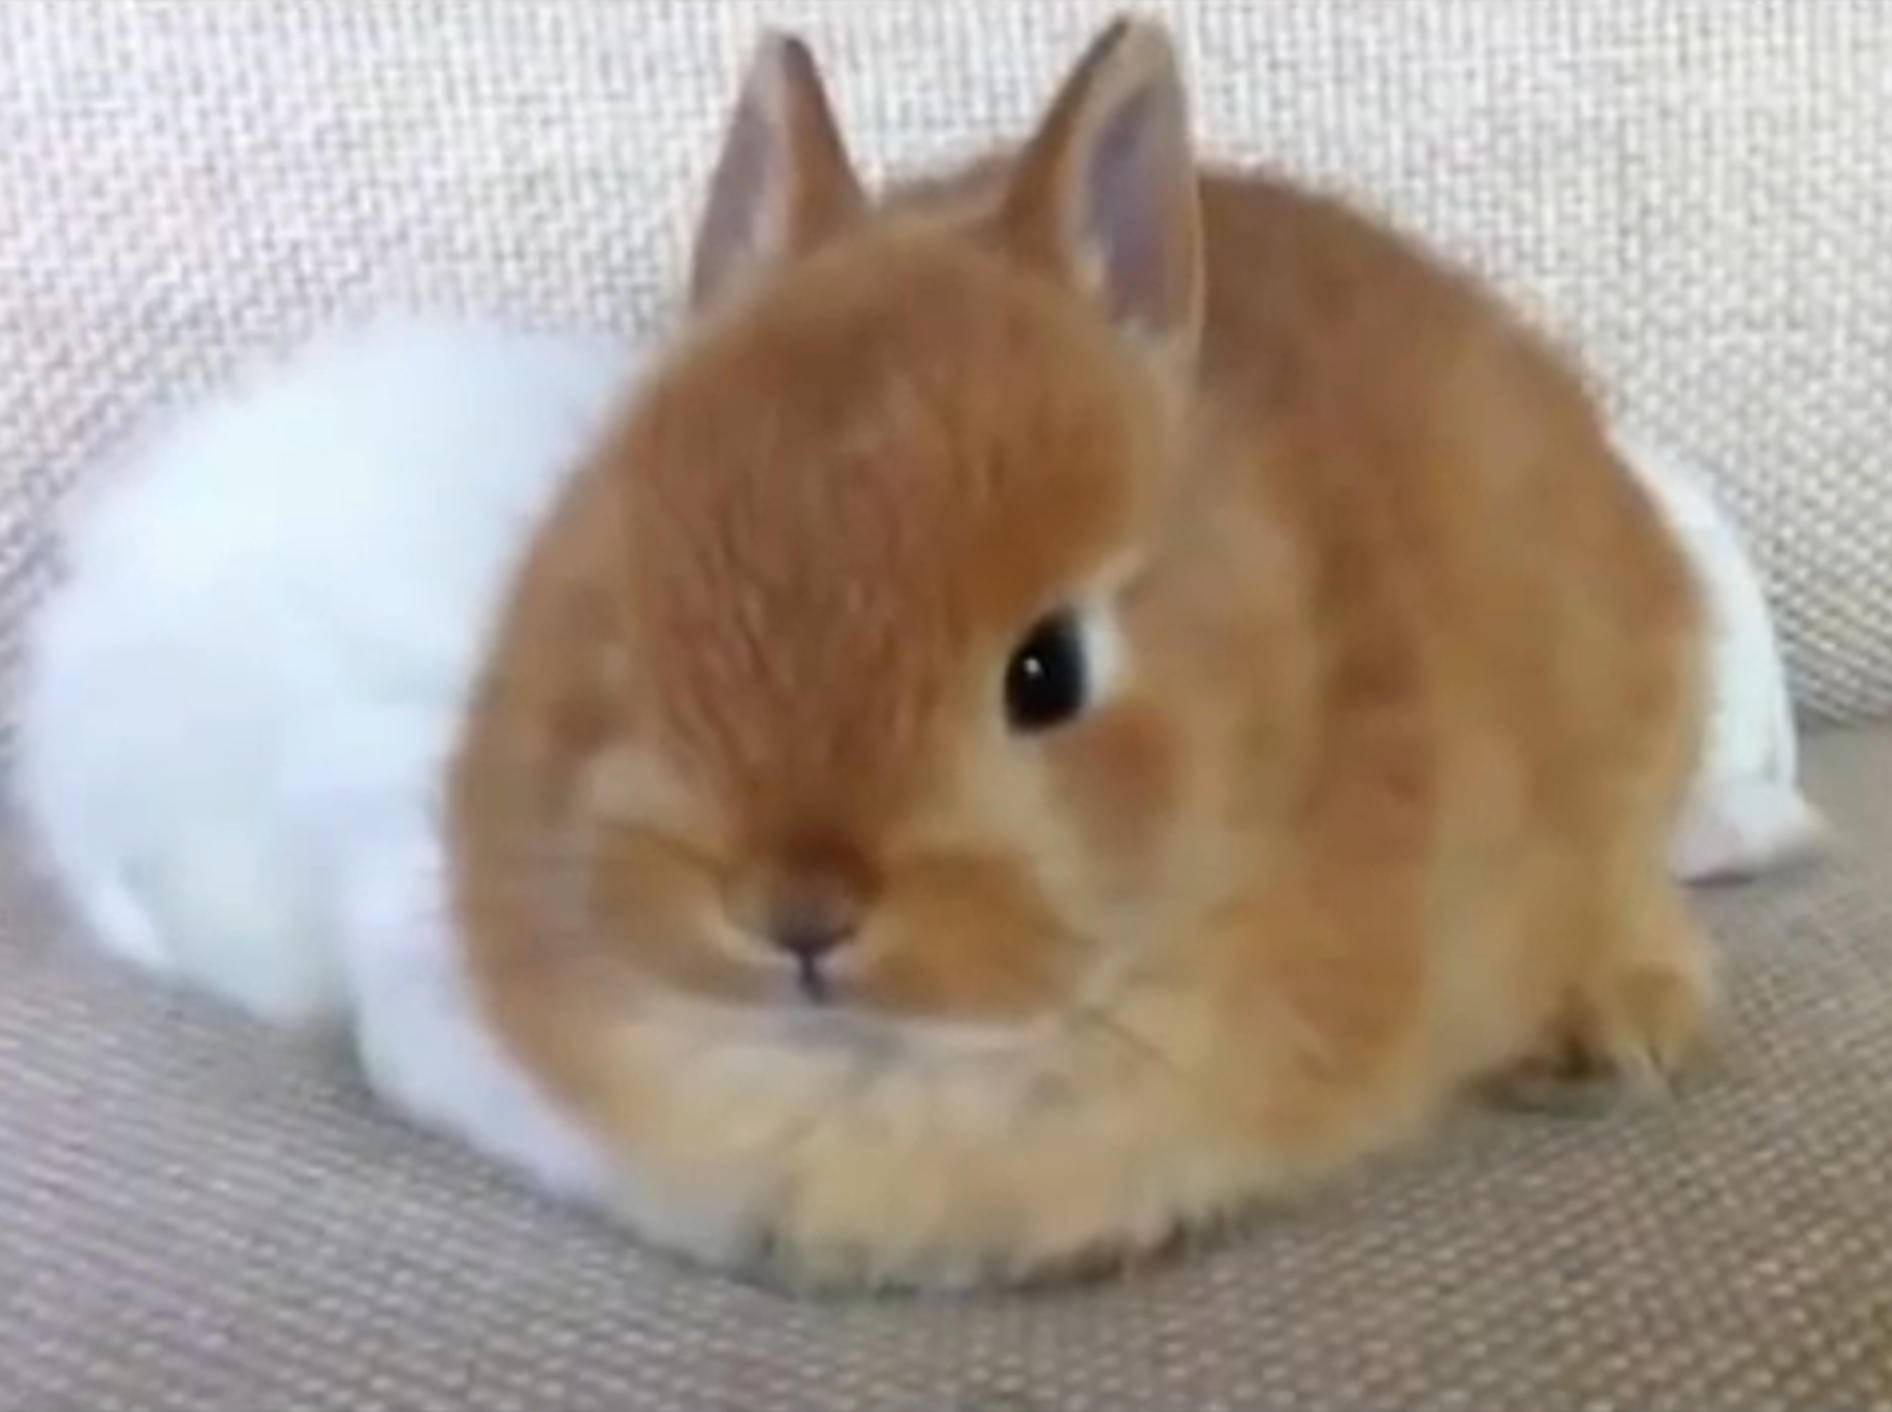 Süße Hasen-Compilation mit einer Überraschung – Bild: YouTube / FunnyCrash18+